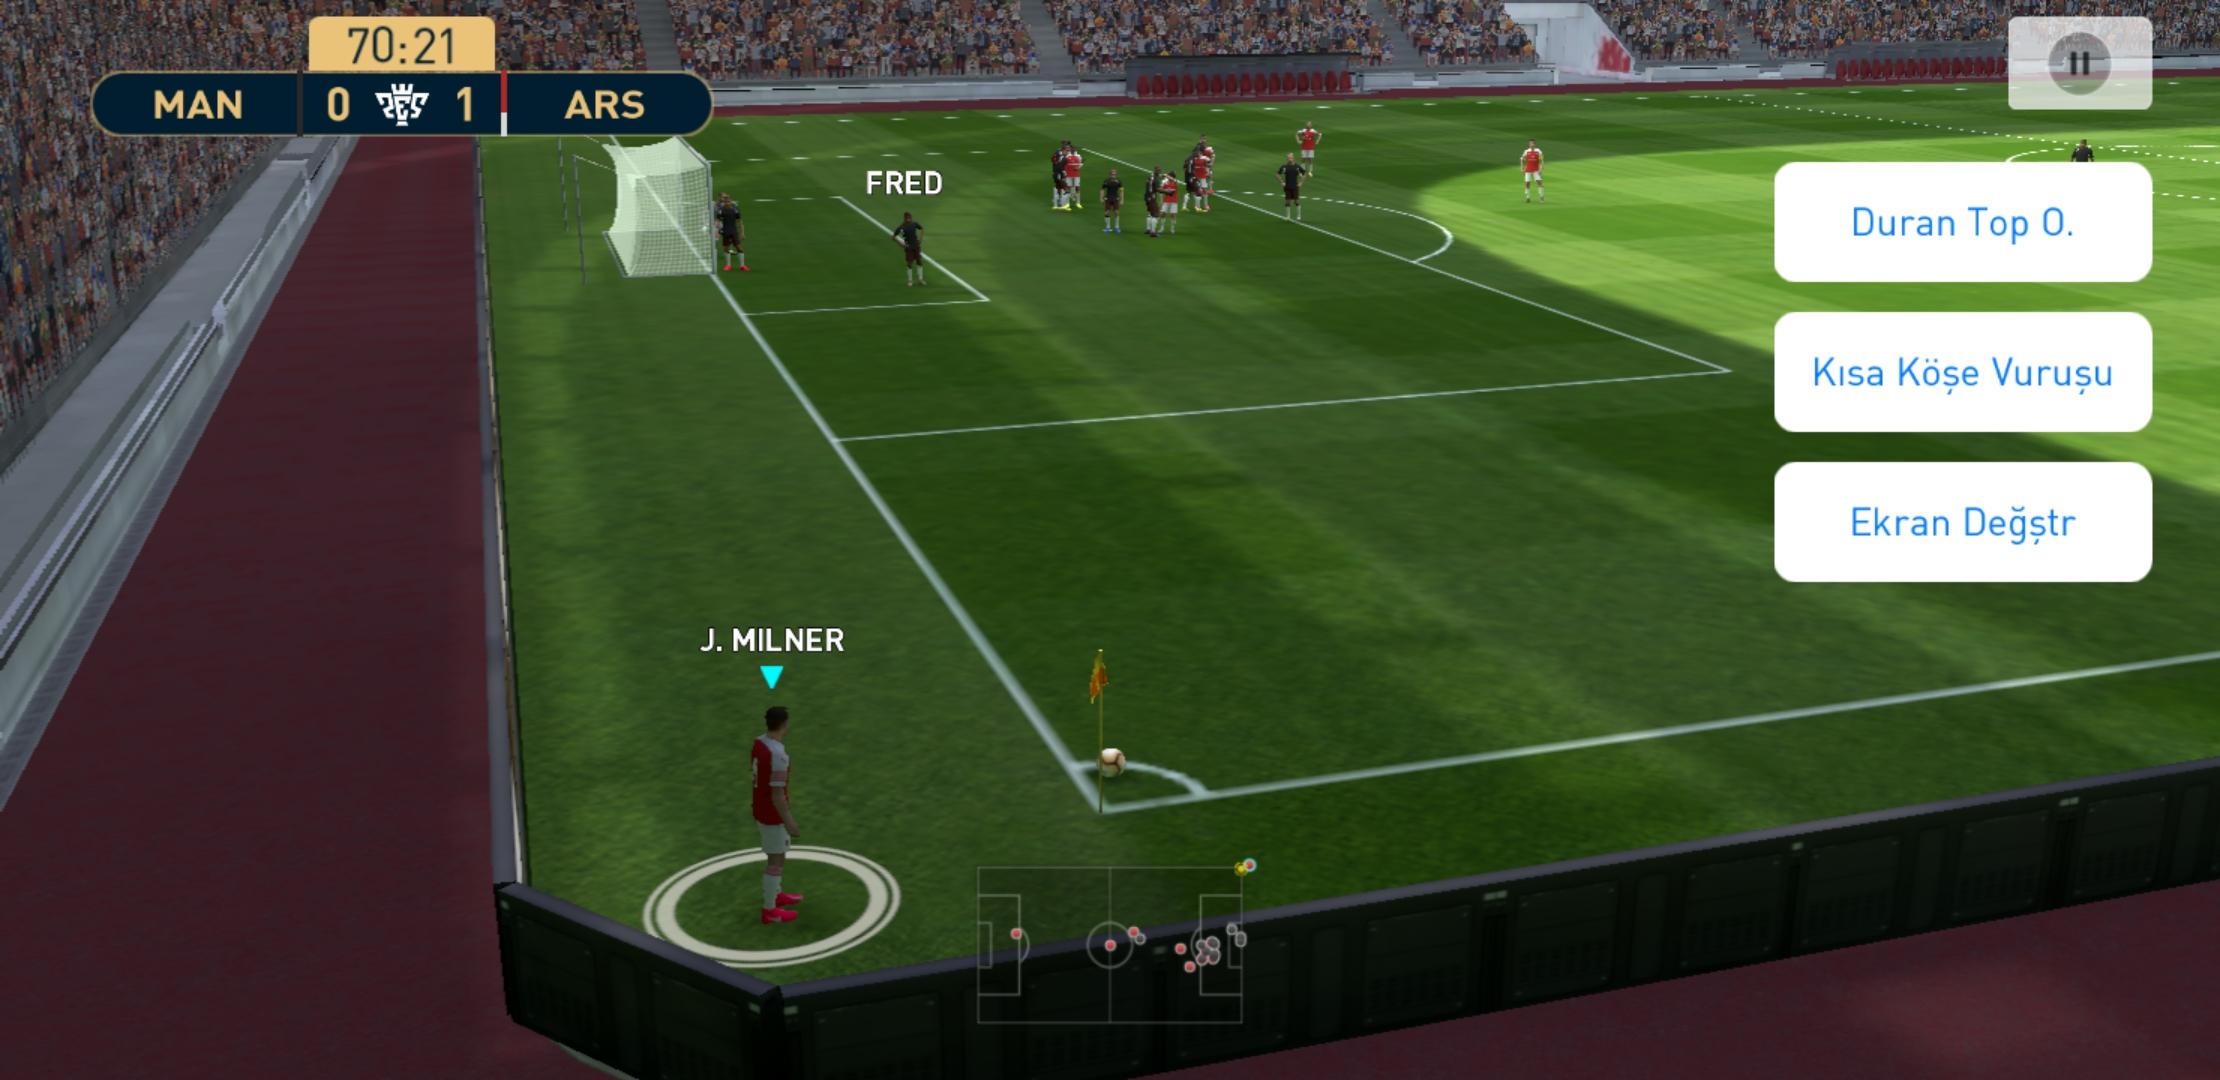 PES 2019 Pro Evolution Soccer - Genel